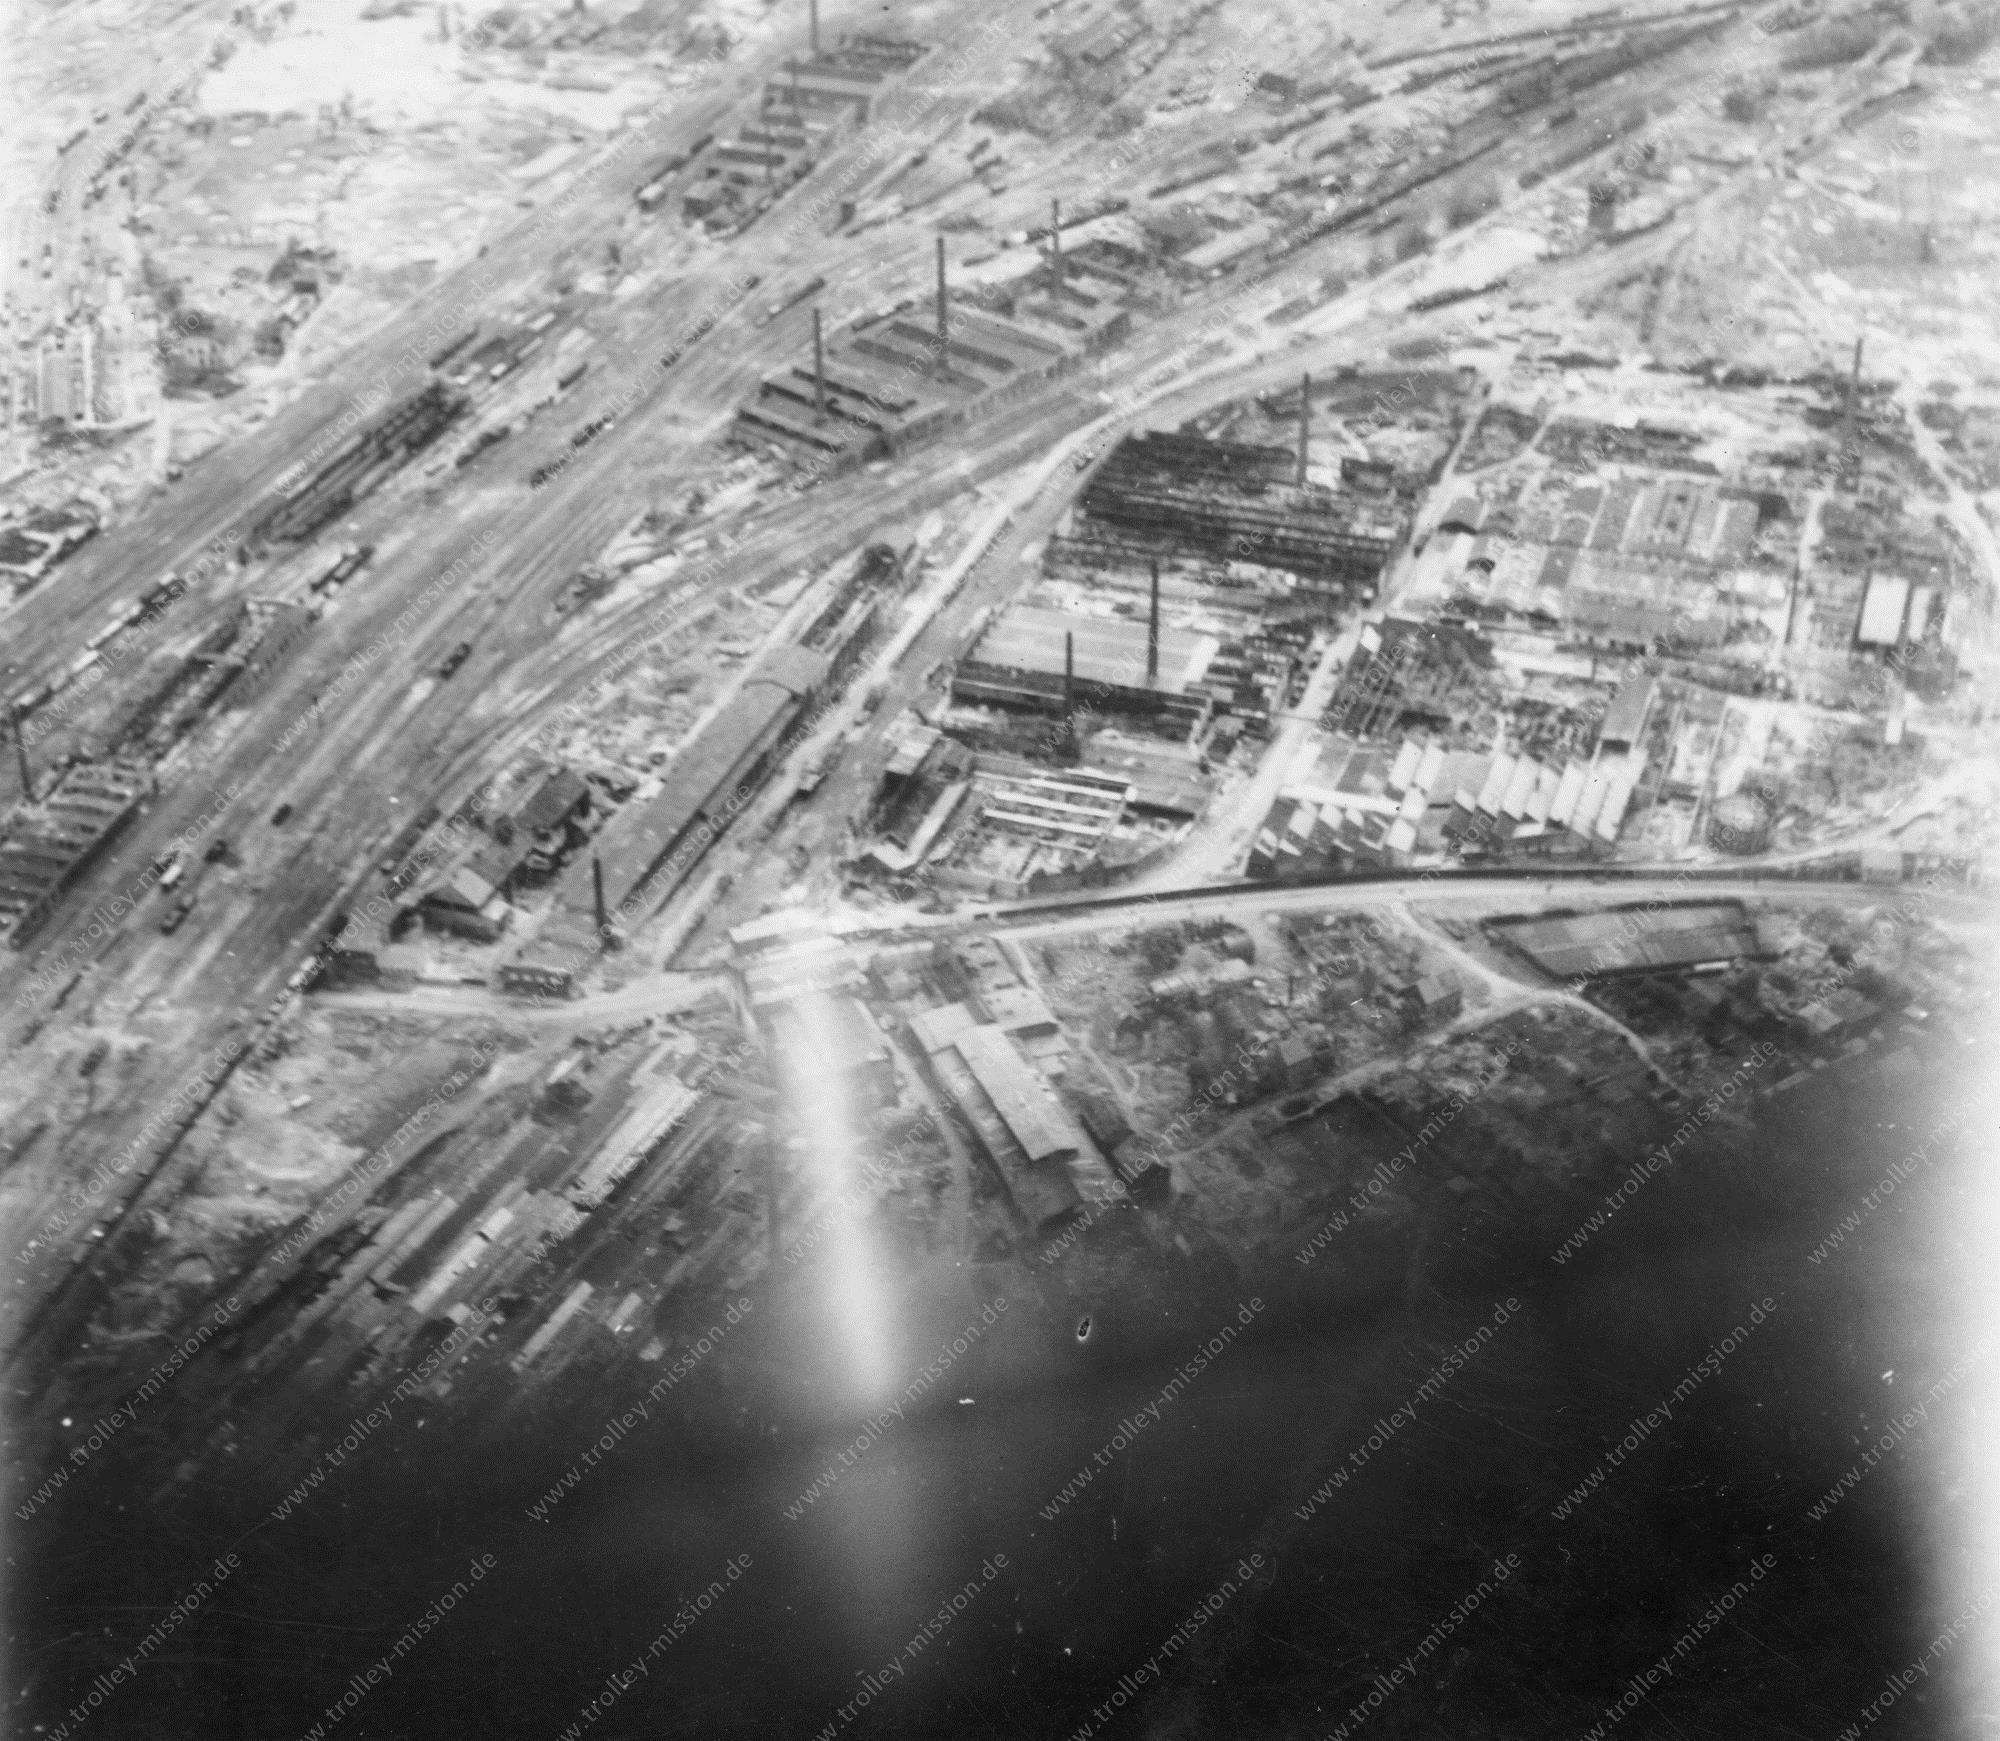 Unbekanntes Luftbild Gleisanlagen und Fabriken mit Schornsteinen